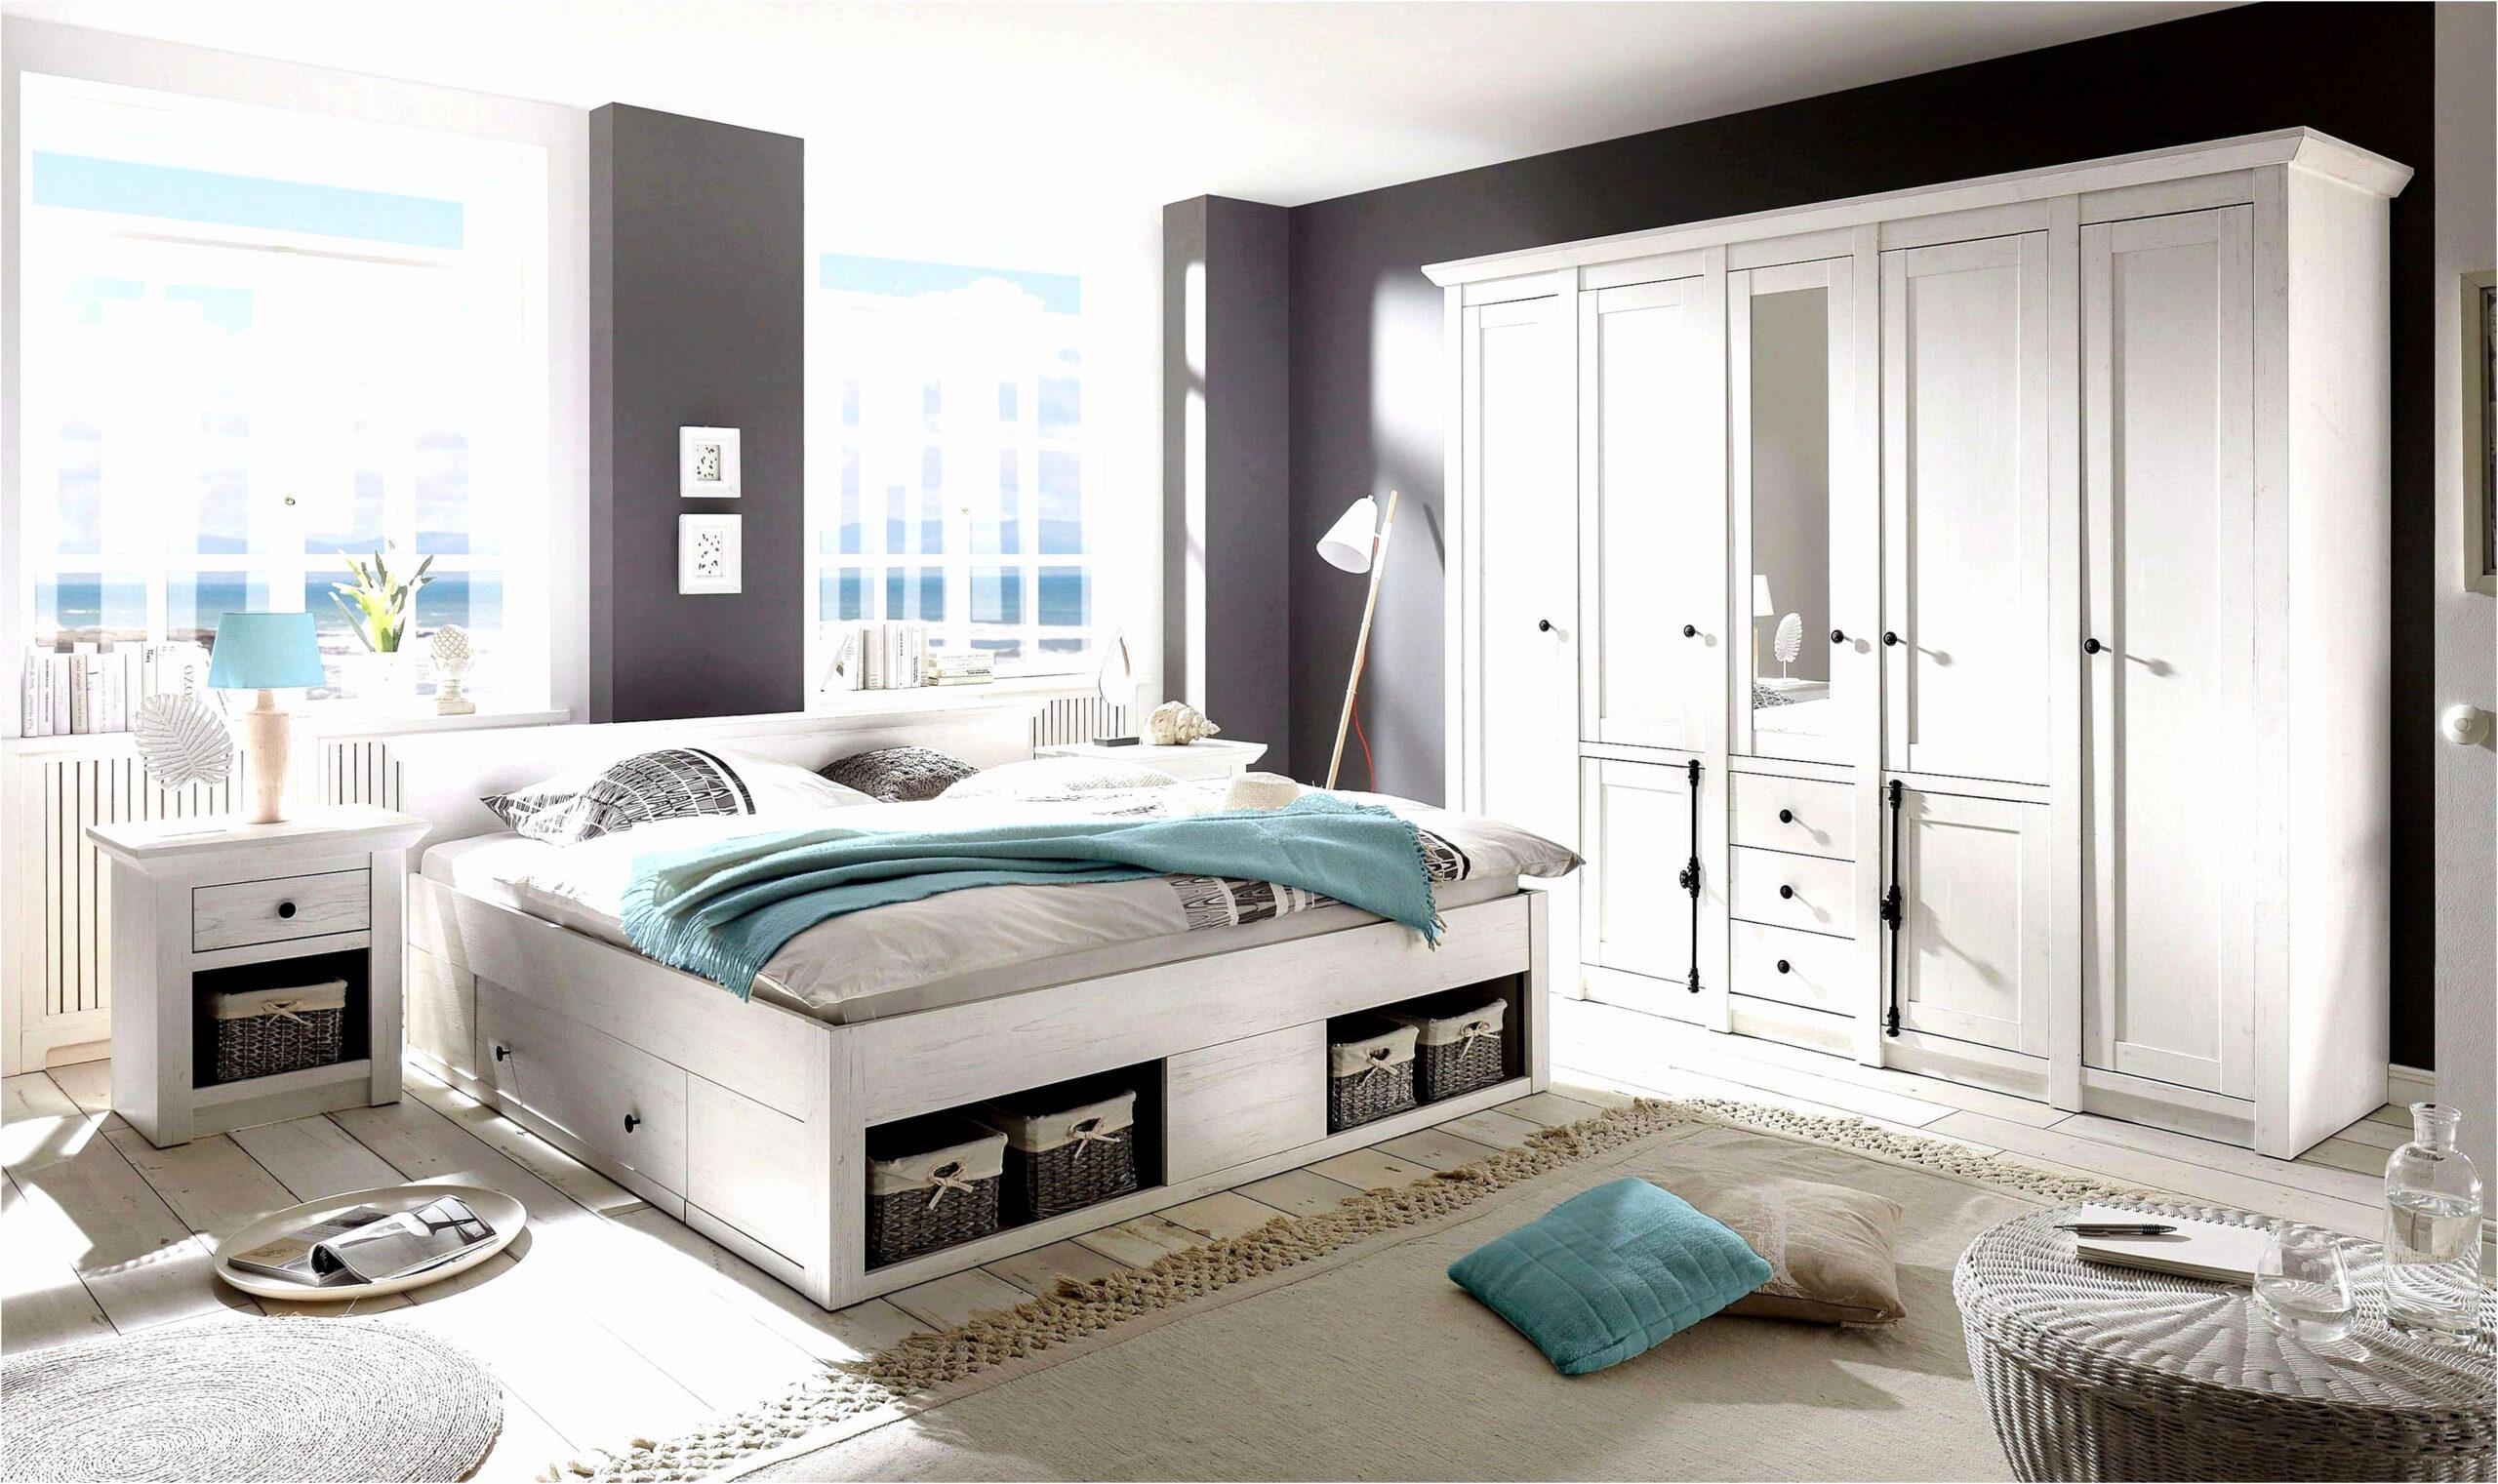 Full Size of Bett Mit Ausziehbett Ikea 200200 Neu Dormiente Amazon Betten 180x200 Schwarzes 200x180 Luxus Fenster Sprossen Günstige Außergewöhnliche Big Sofa Wohnzimmer Bett Mit Ausziehbett Ikea